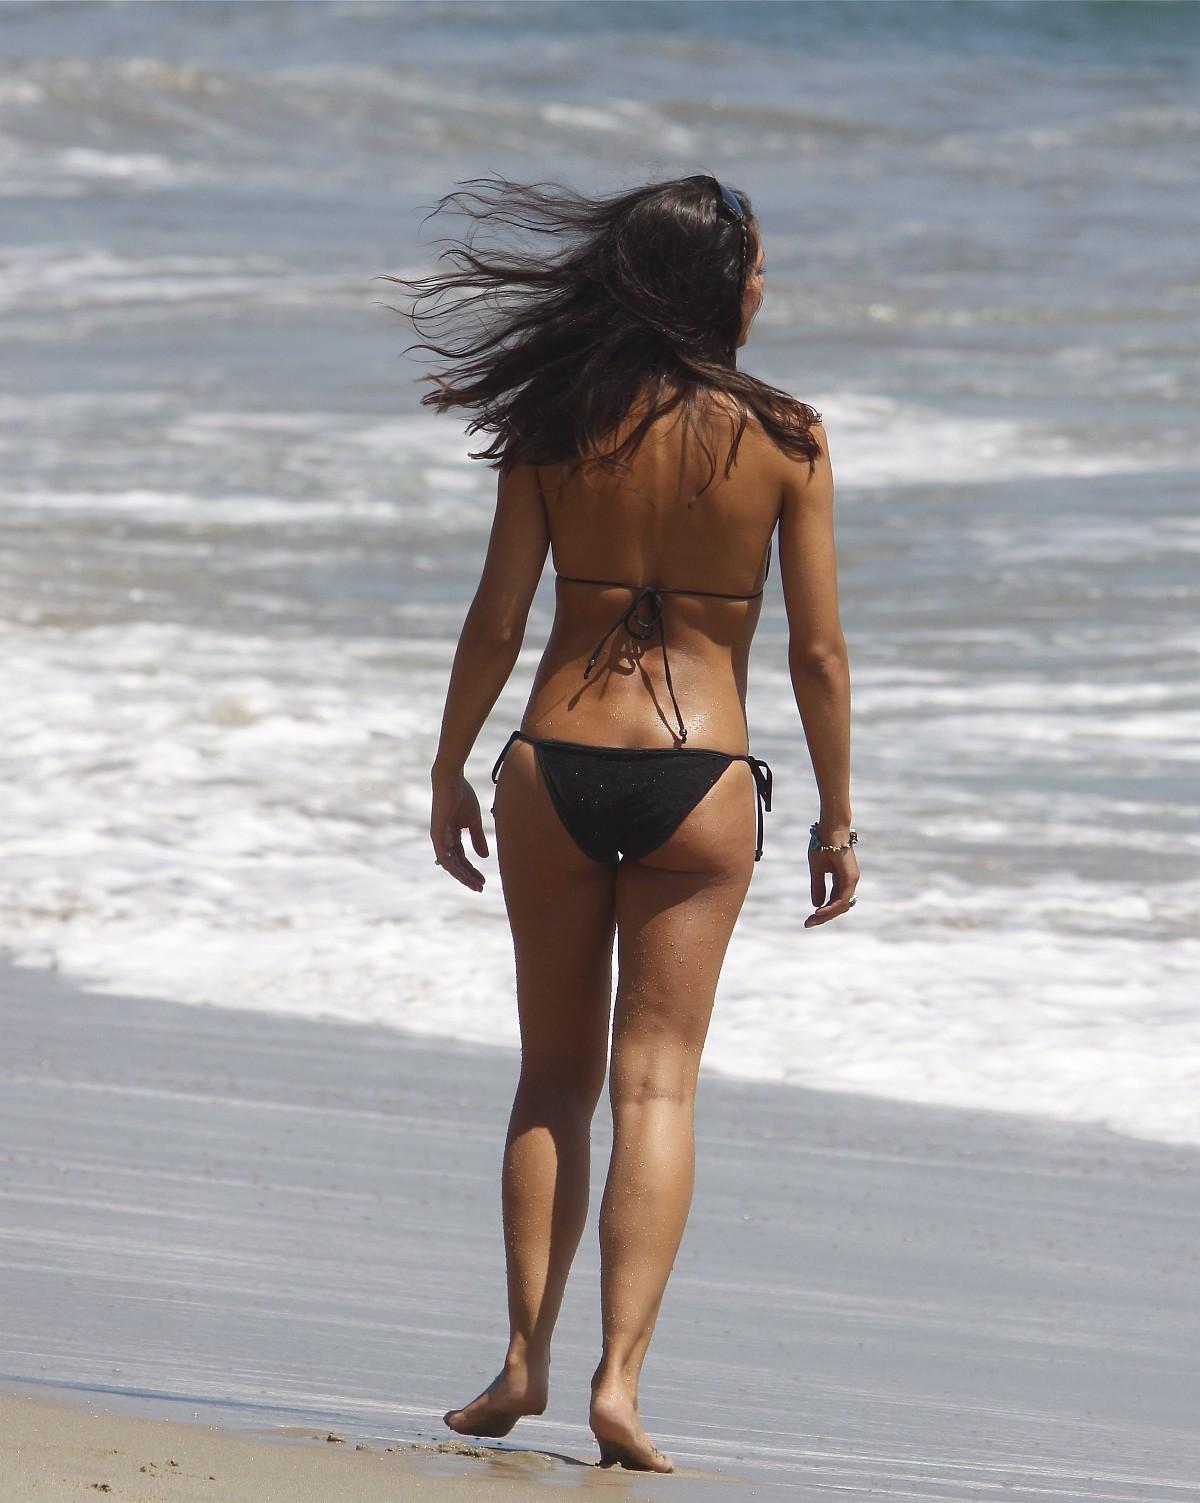 Amazon girls & woman nude